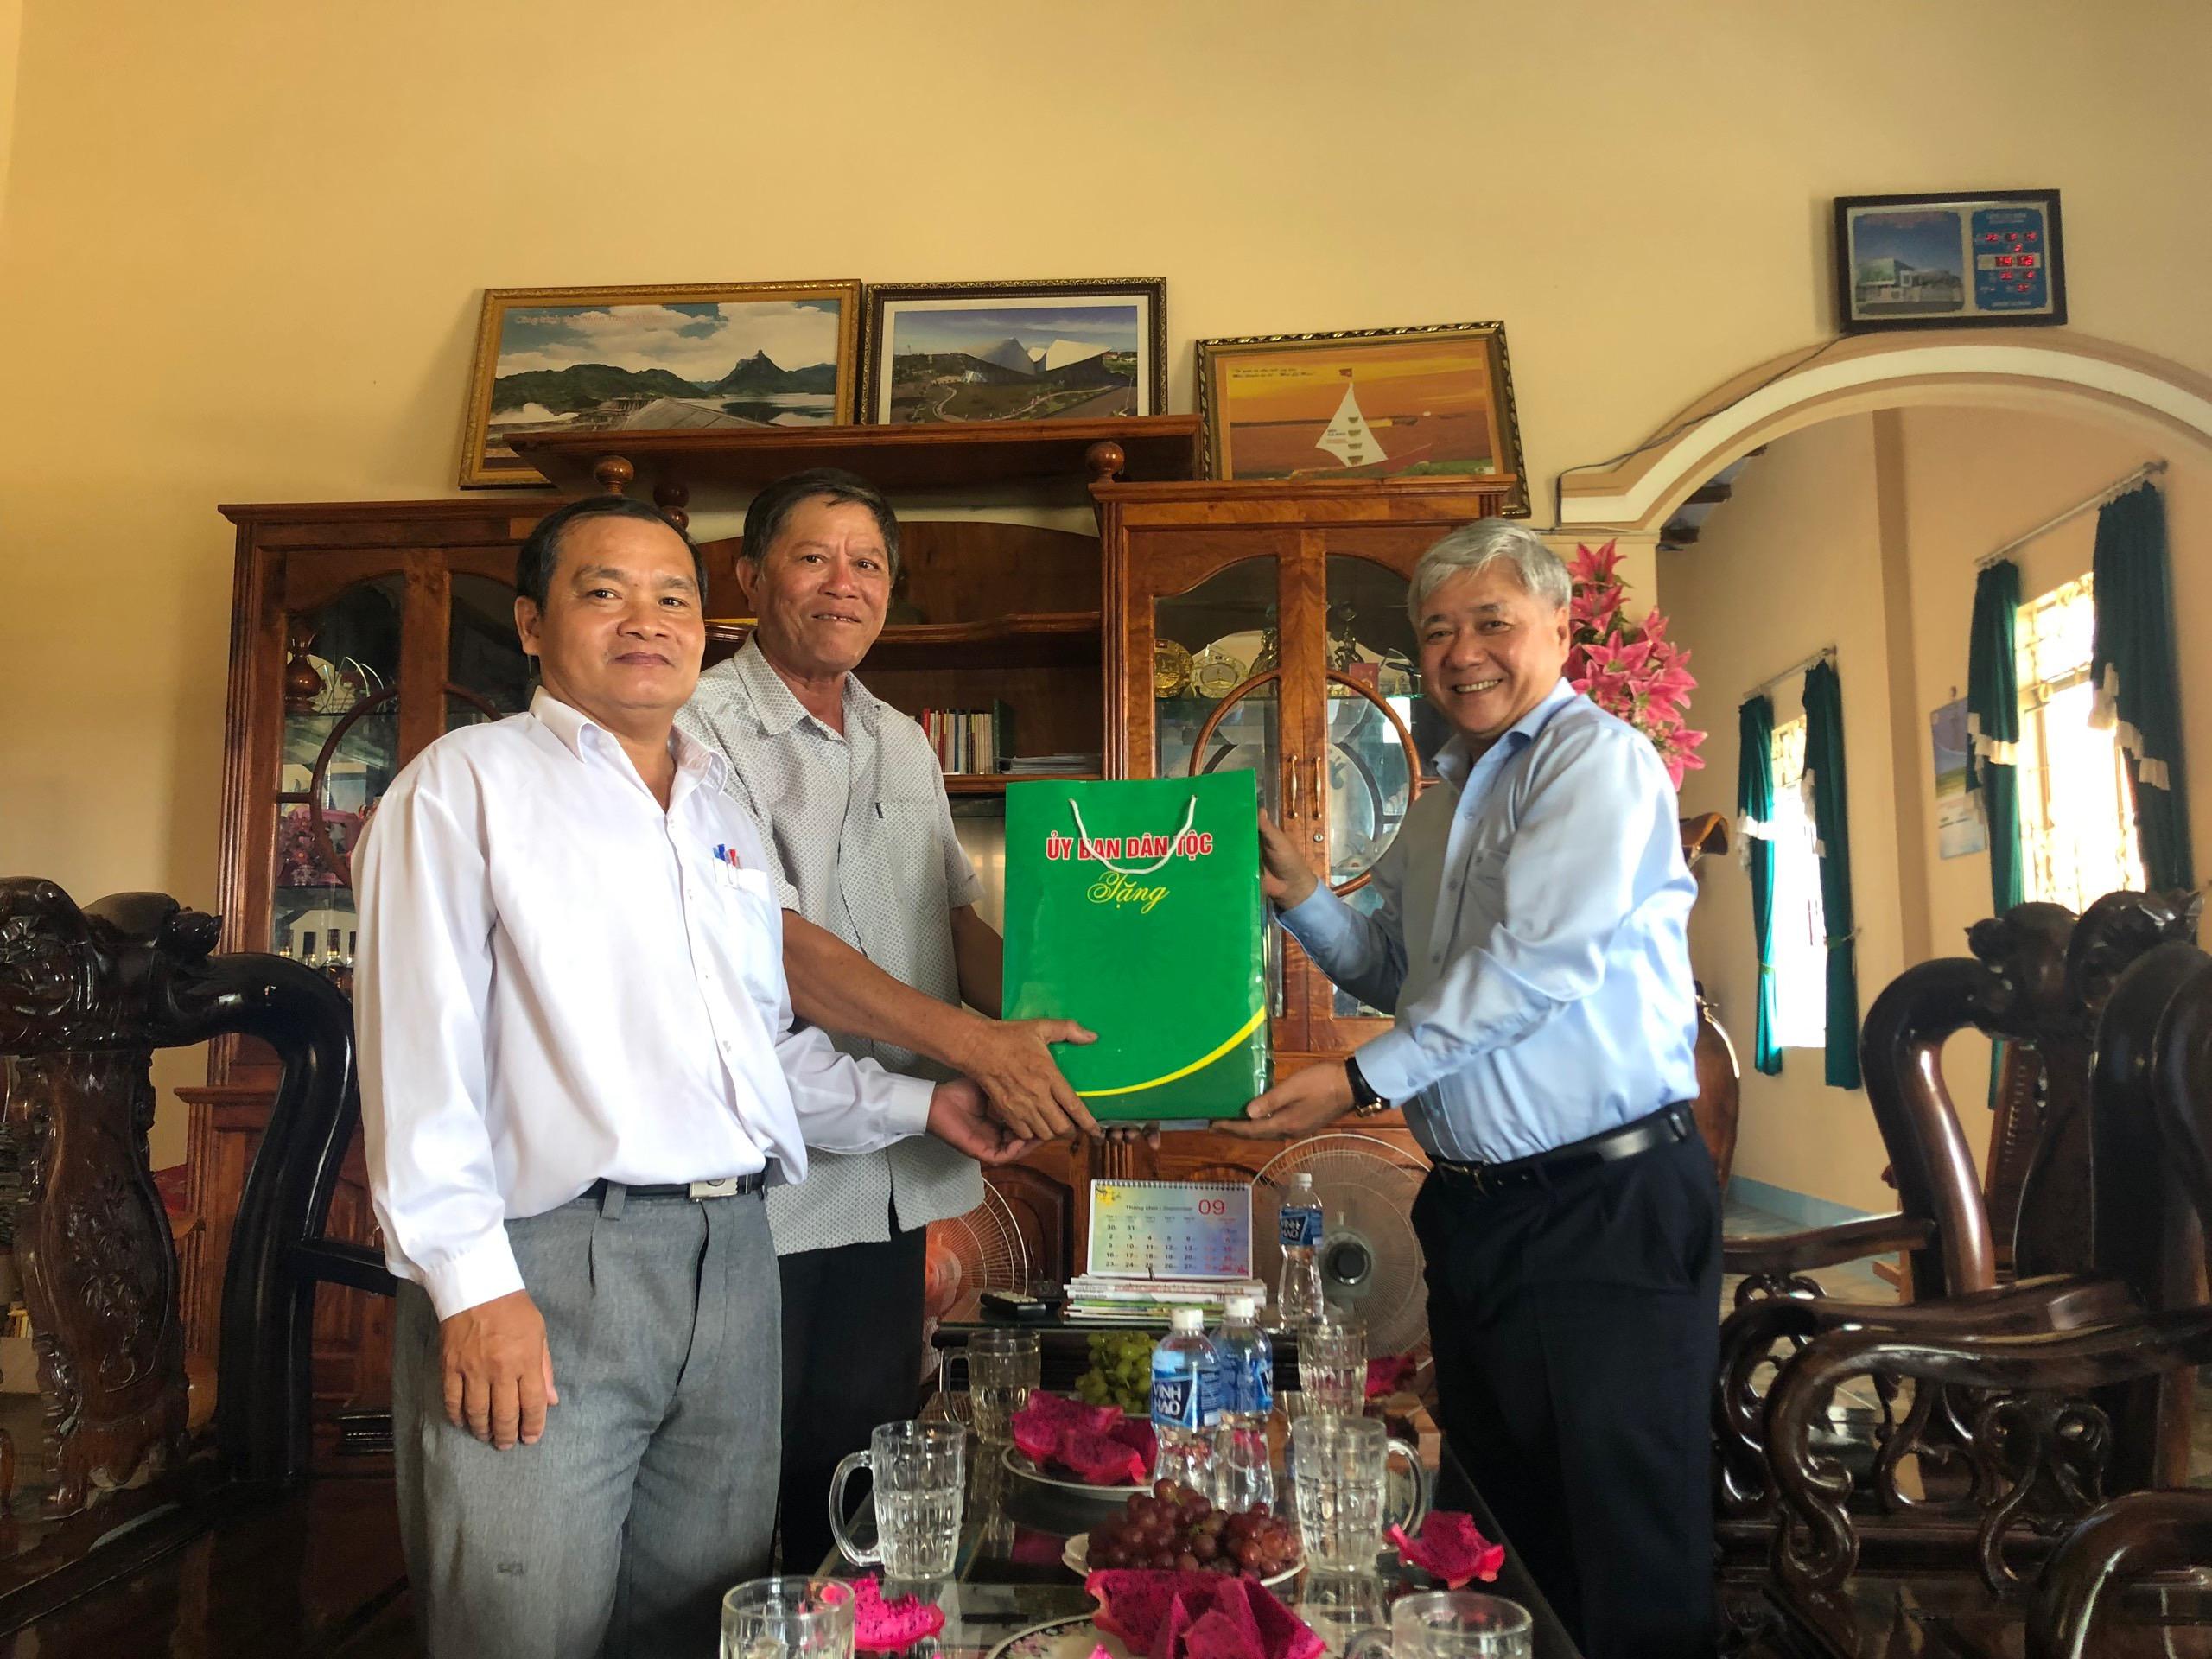 Bộ trưởng, Chủ nhiệm UBDT Đỗ Văn Chiến thăm và tặng quà ông Mai Sên - Nguyên Tỉnh ủy viên, nguyên Trưởng Ban Dân tộc tỉnh Bình Thuận